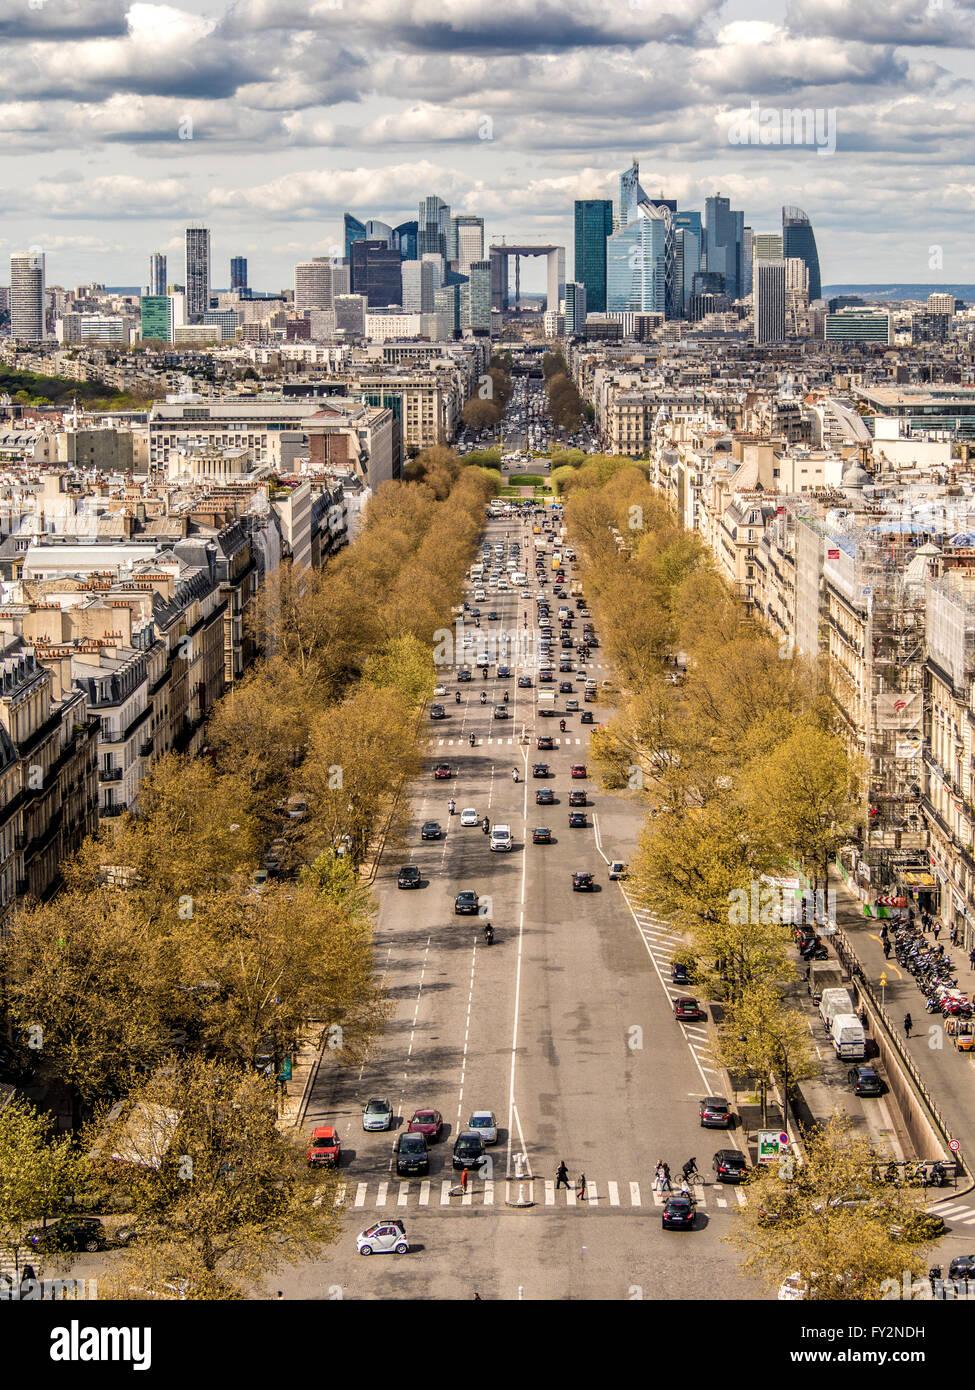 La Défense, quartier des affaires, Paris, France. Vue imprenable sur l'Avenue de la Grande Armée de l'Arc de Triomphe. Banque D'Images